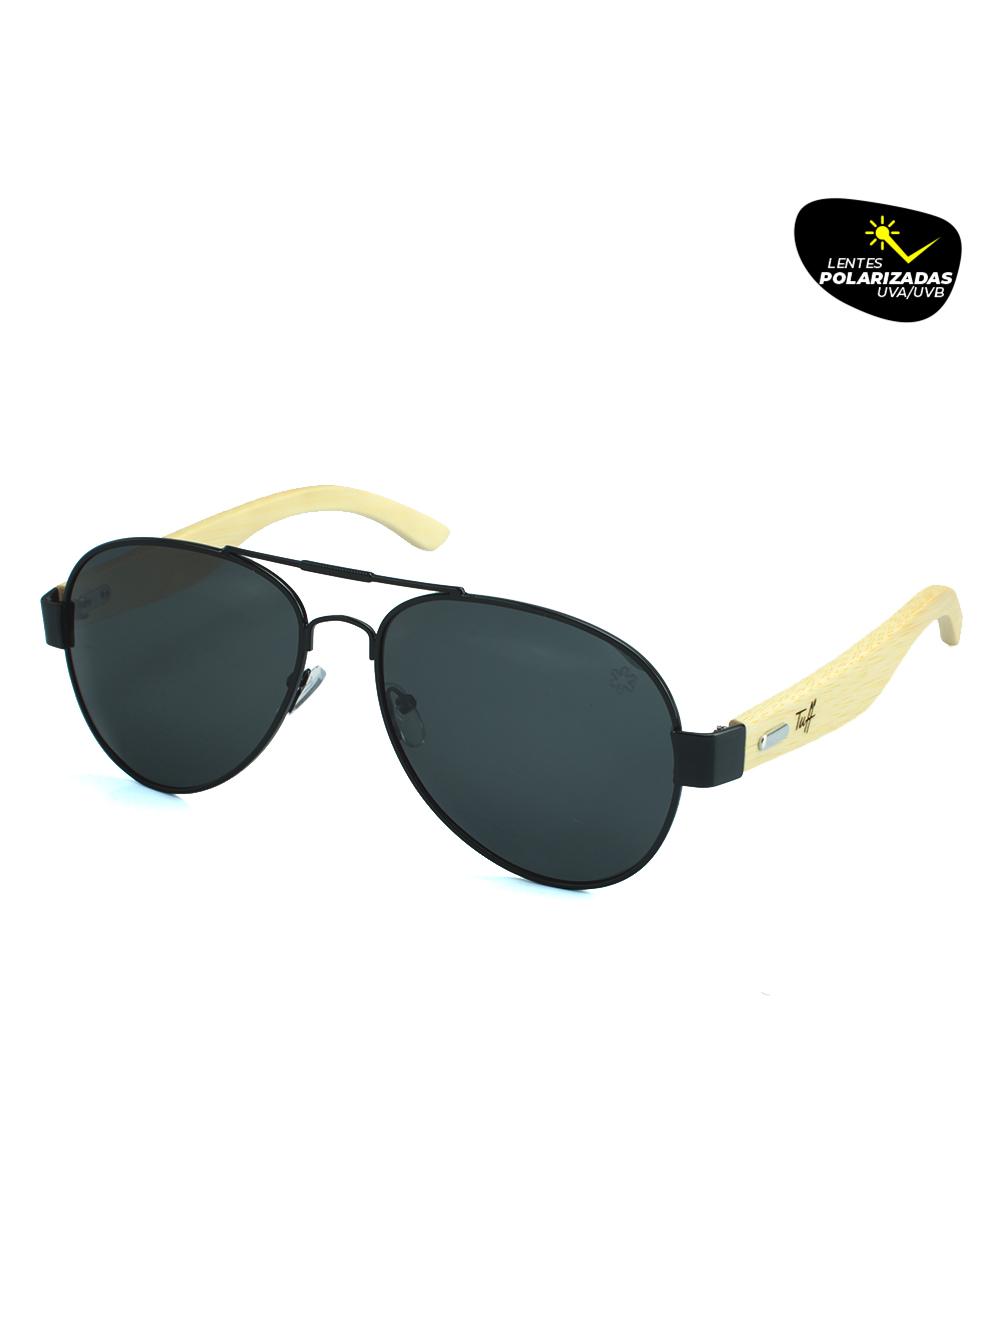 Sunglasses Aviador Preto Polarizado